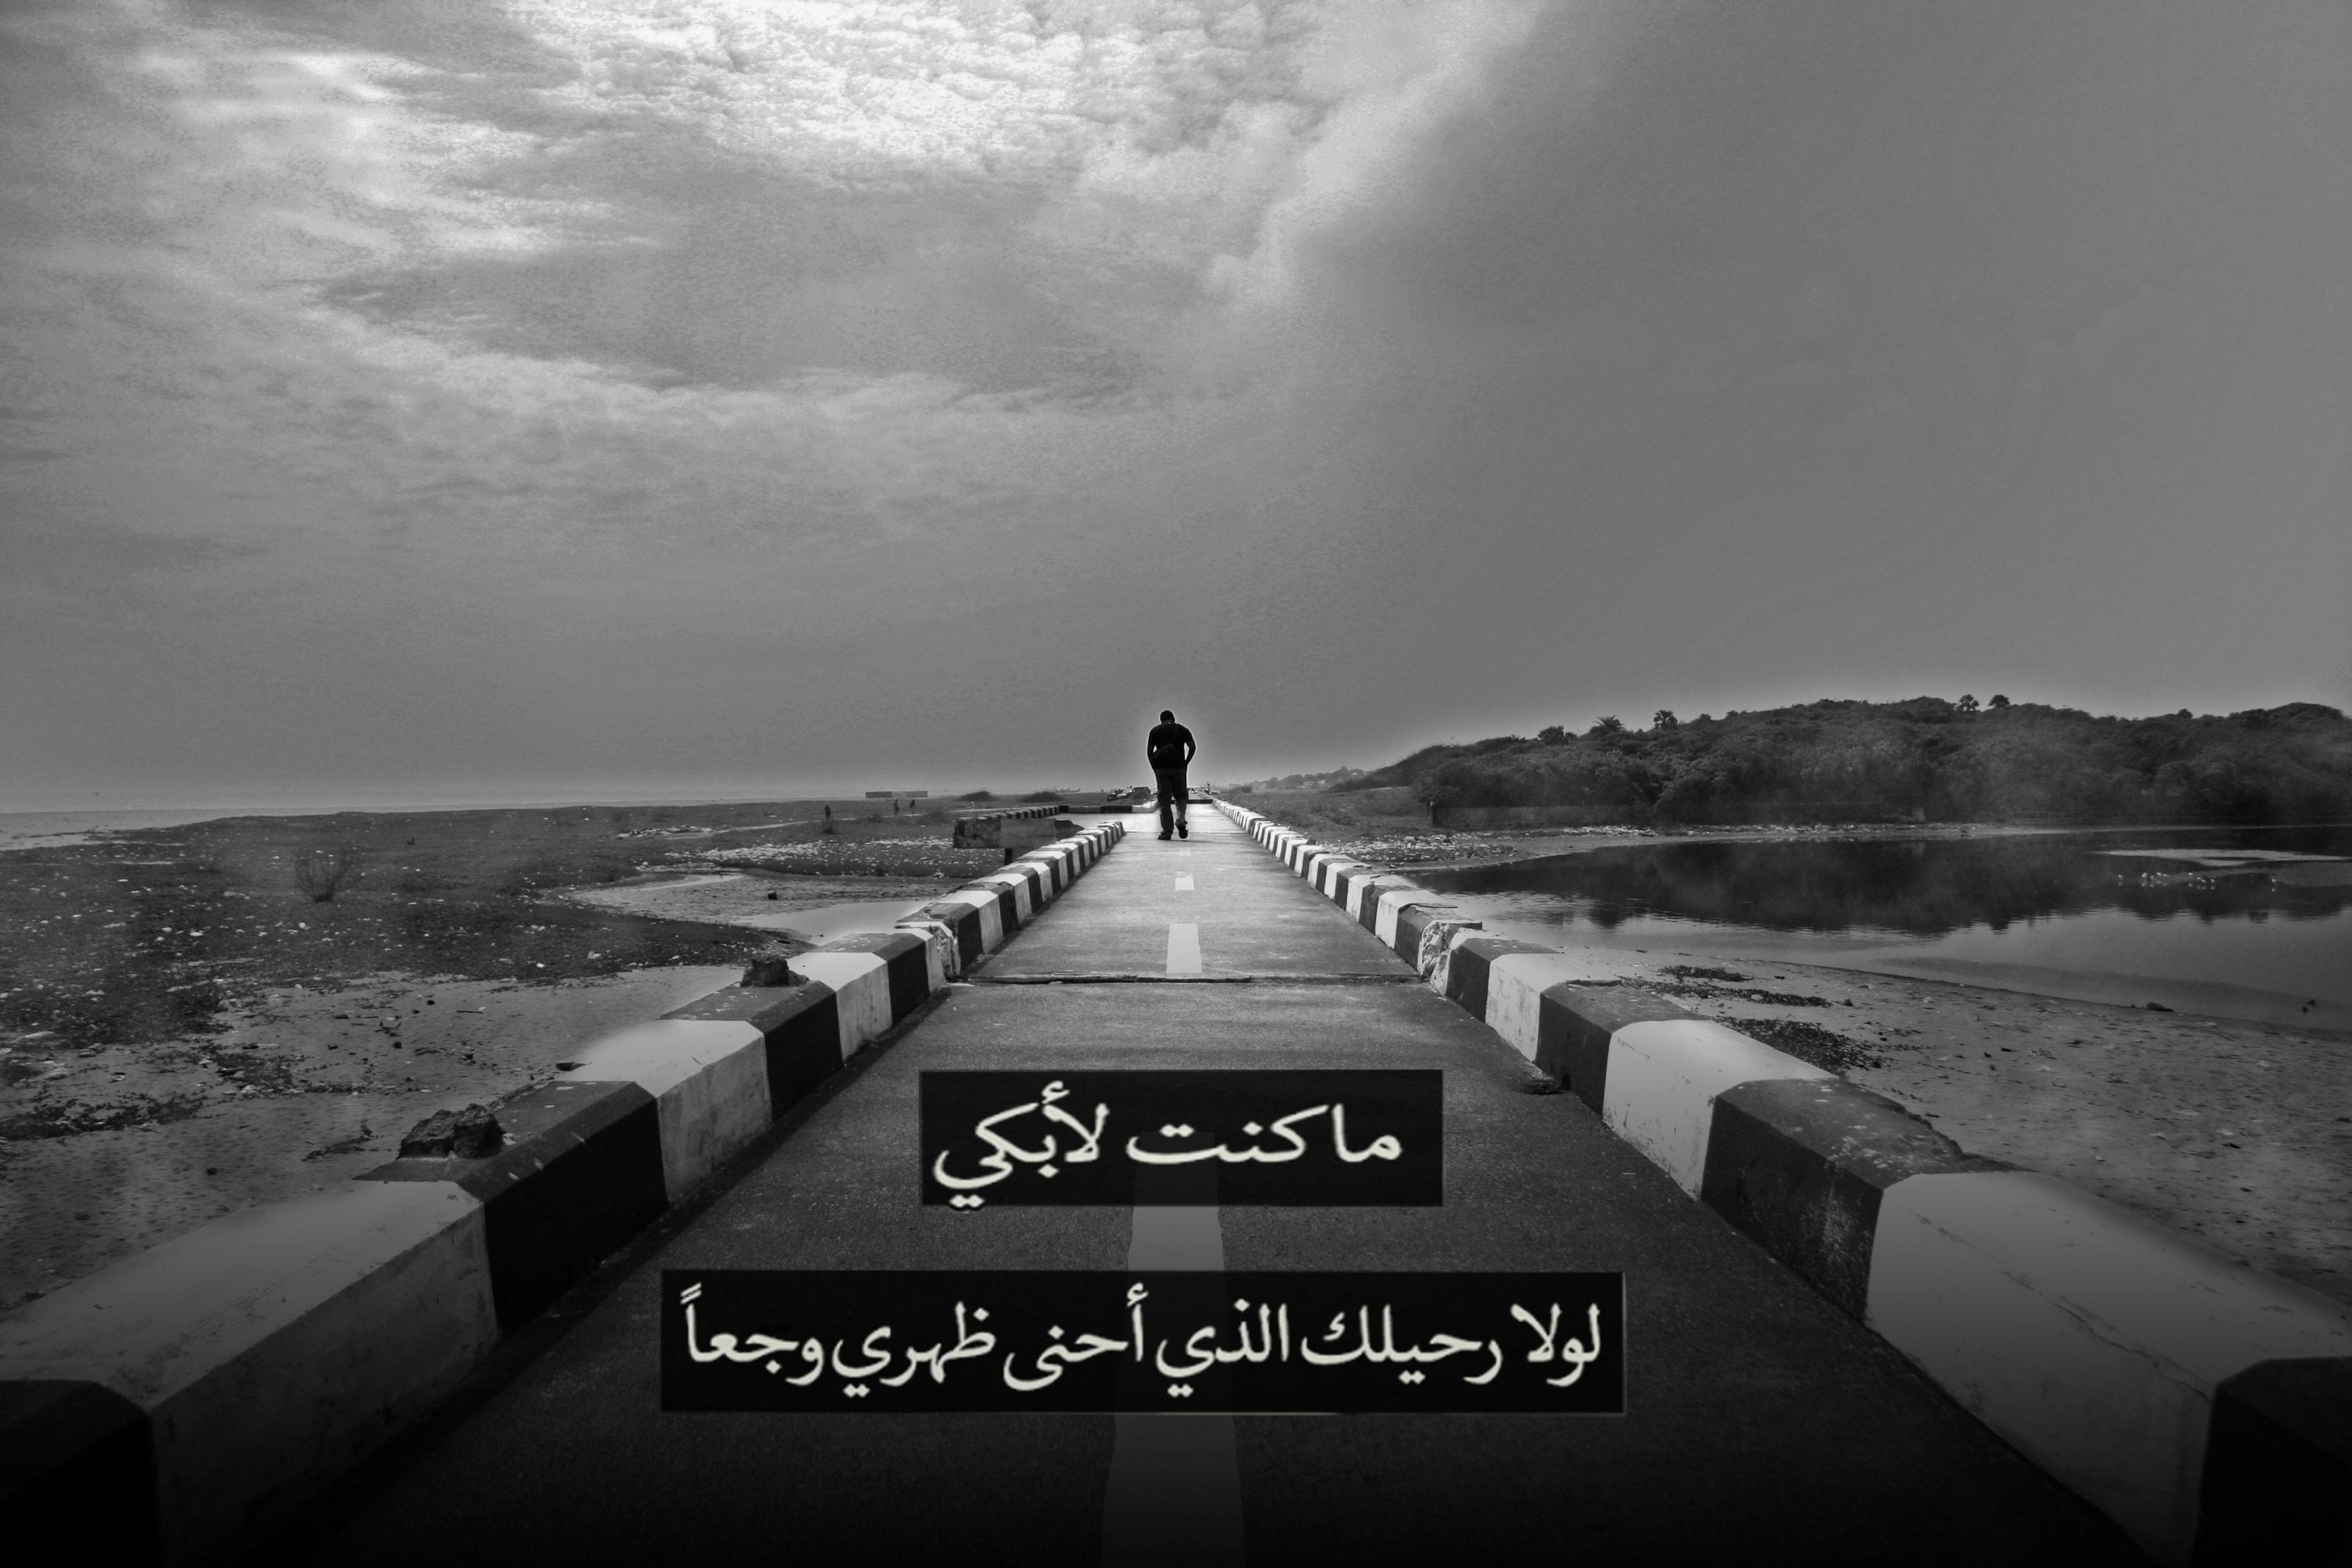 بالصور اجمل الصور الحزينة مع العبارات , الحزن وما يفعله فى القلب 269 7